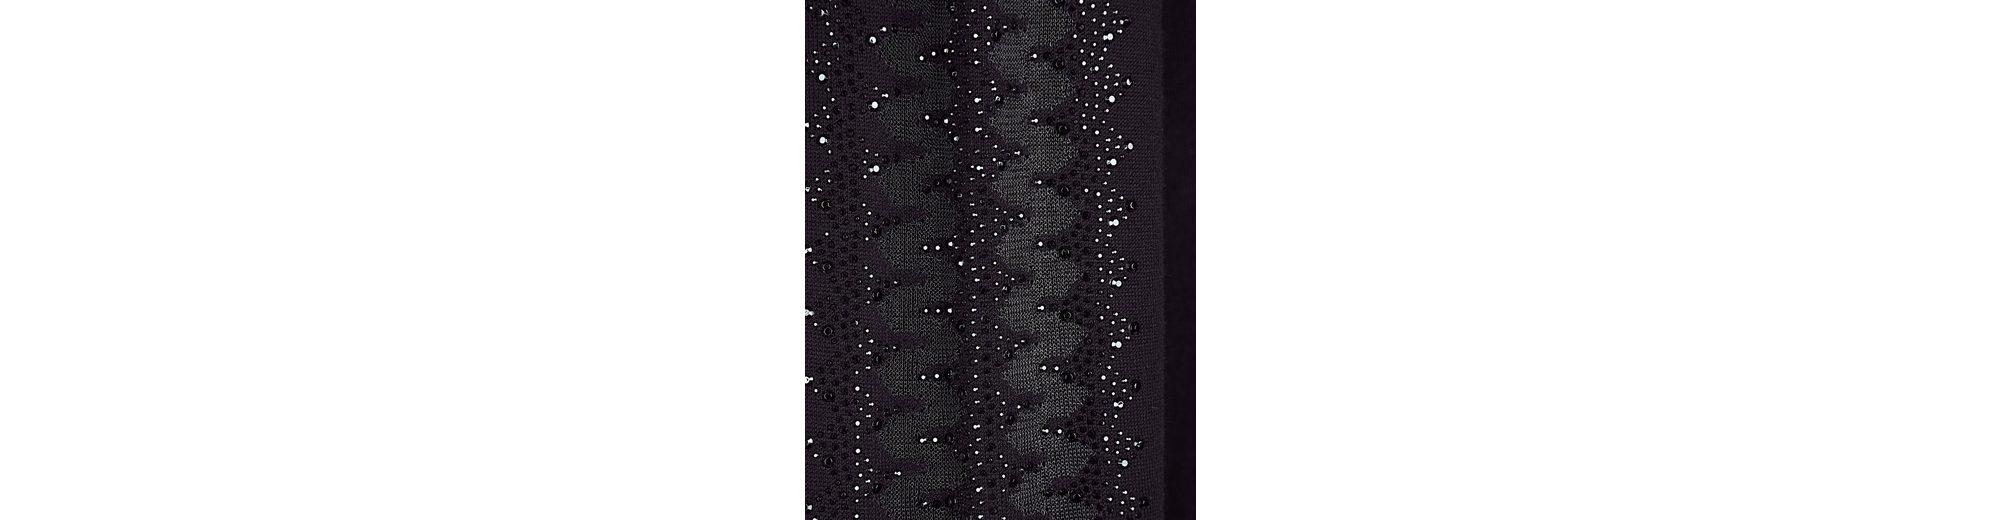 Spielraum Amazon Auslass Ausgezeichnet Alba Moda Pullover mit Ausbrenner-Optik am Ärmel Rabatt Nicekicks Steckdose Mit Paypal Online Bestellen JahkNG